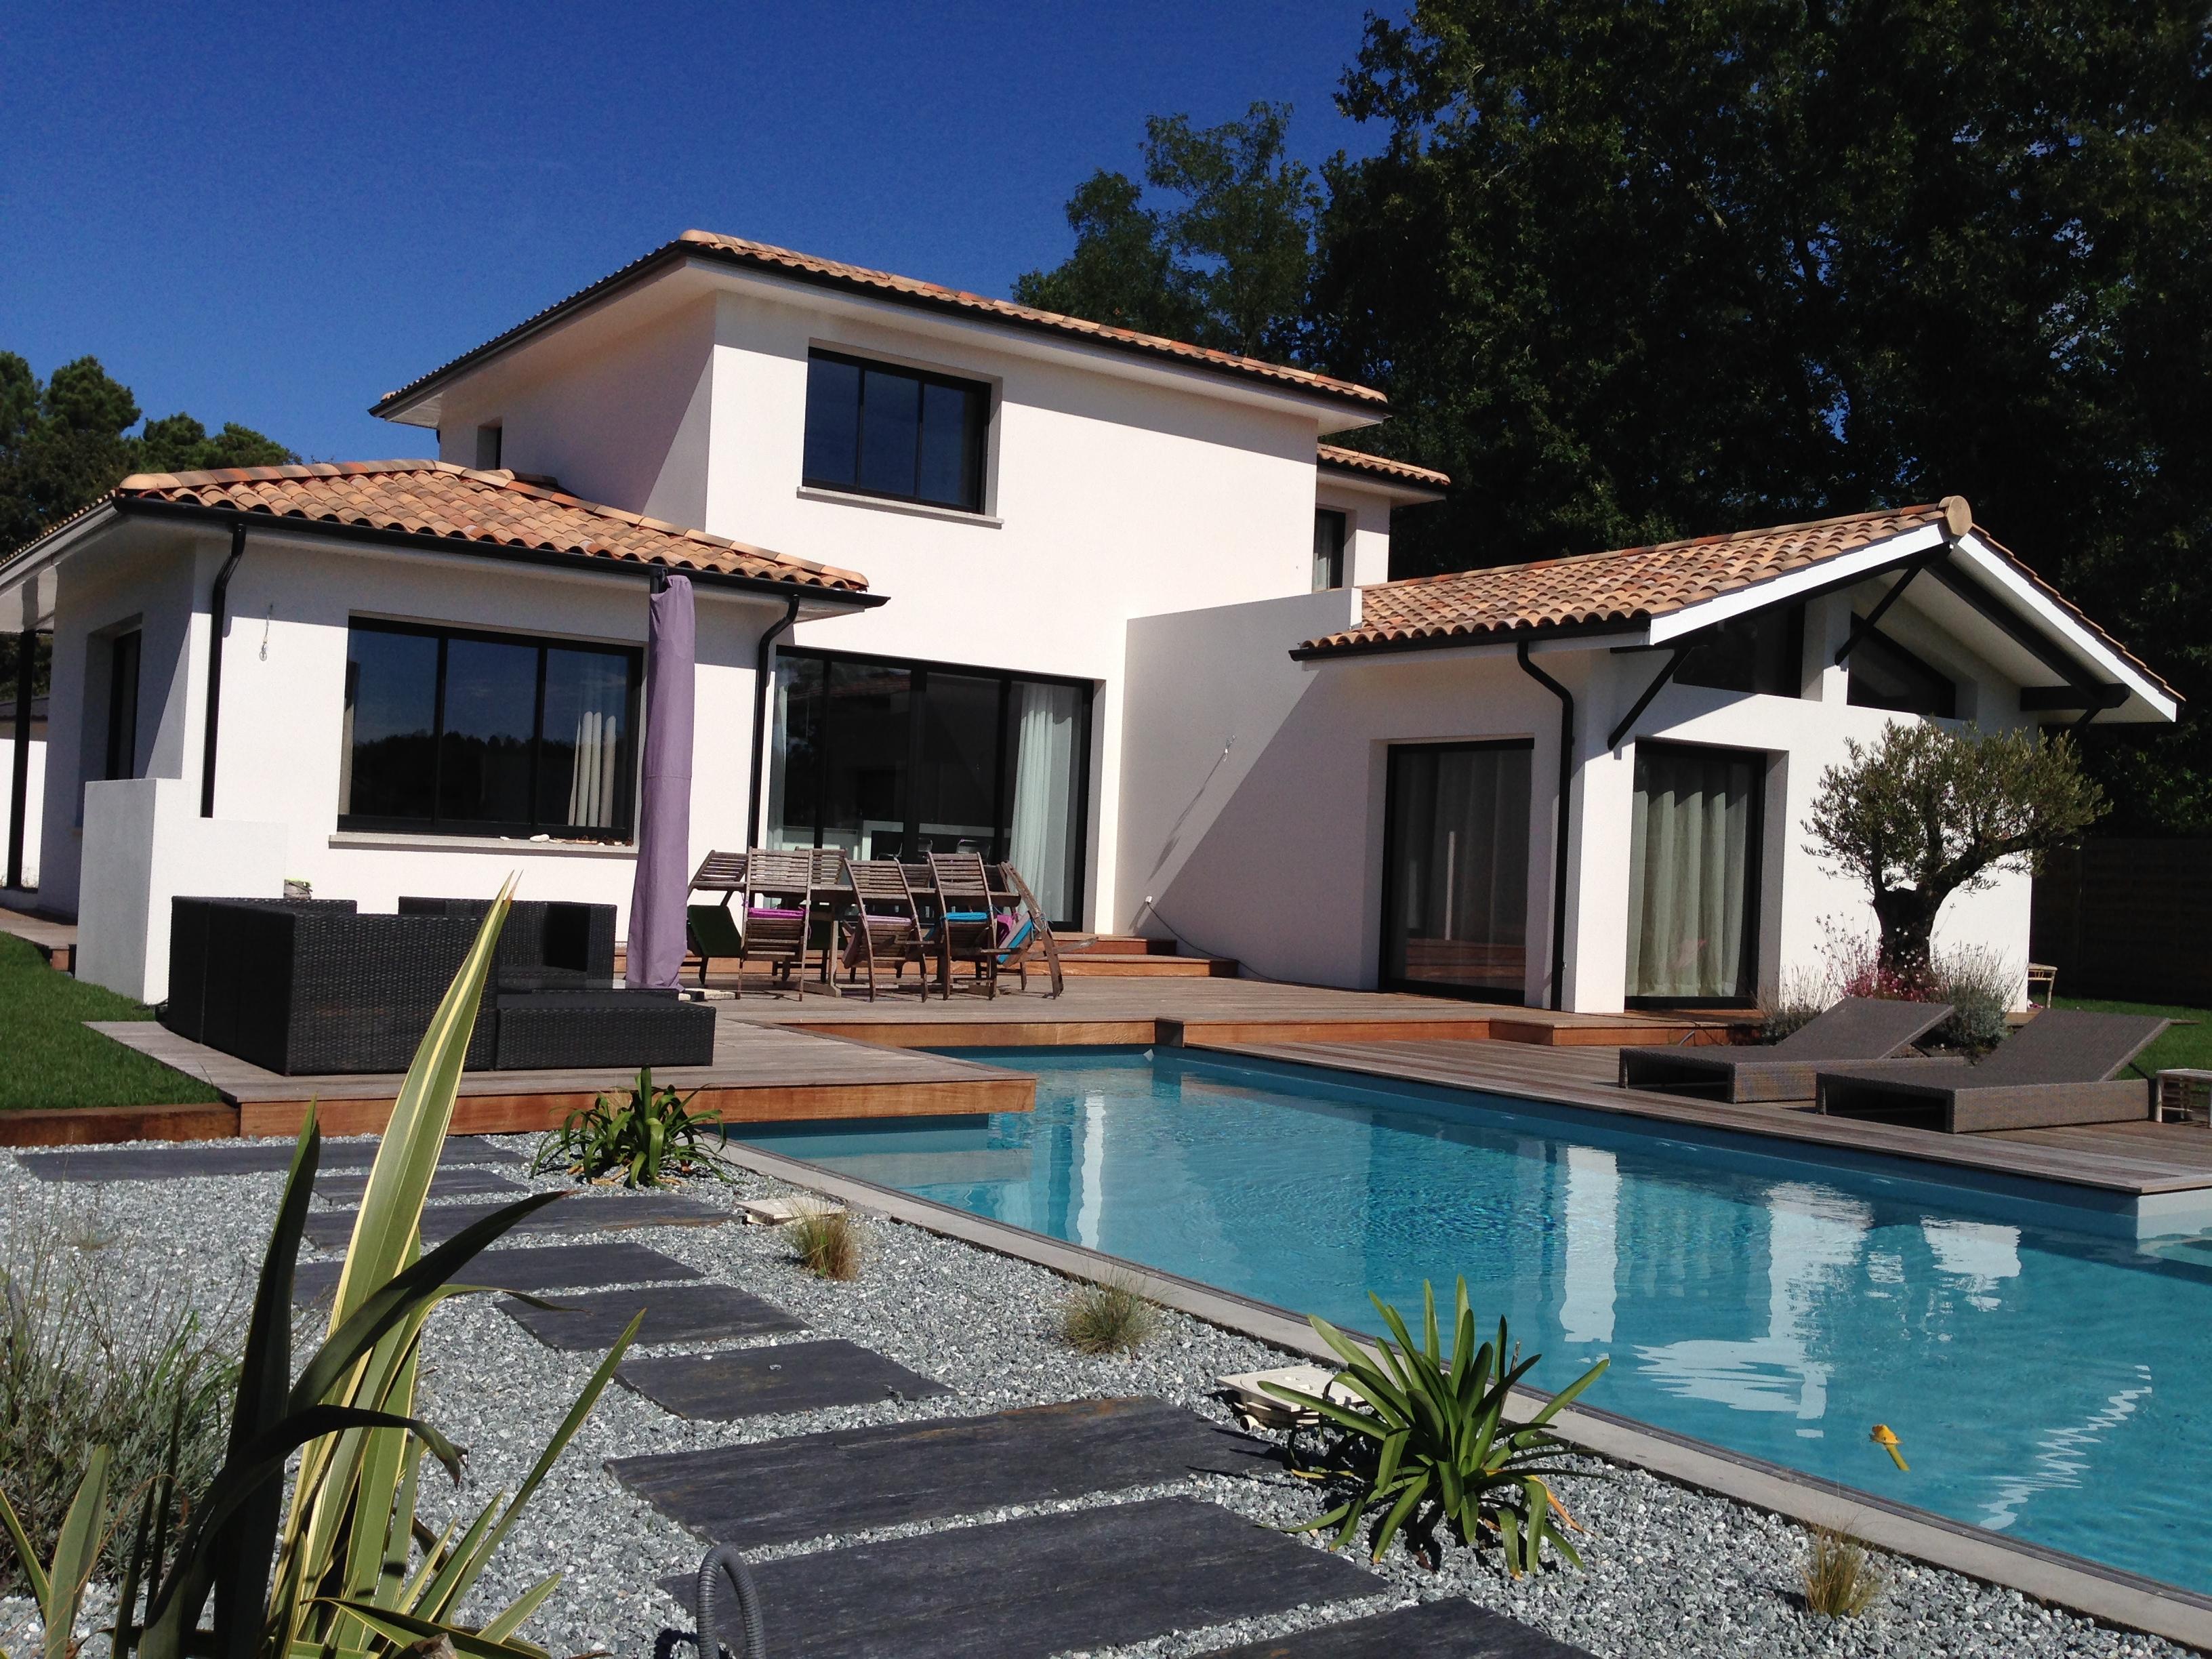 Villas leona constructeur de maisons individuelles en for Villa constructeur